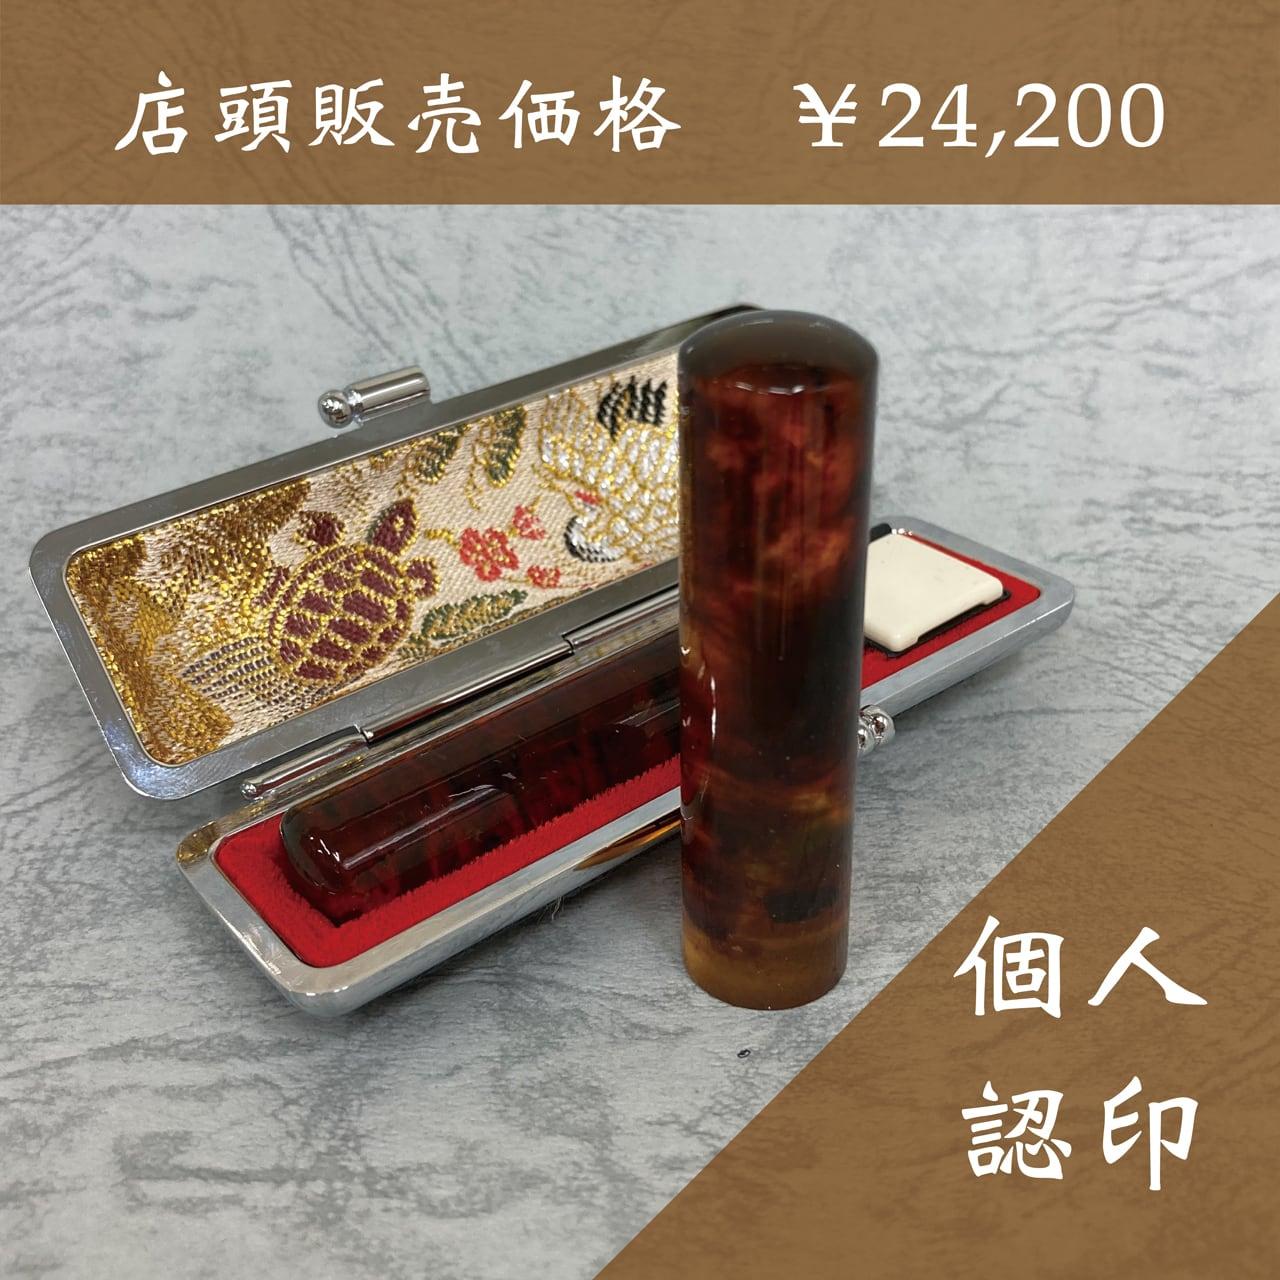 【個人用】認印(12mm)琥珀